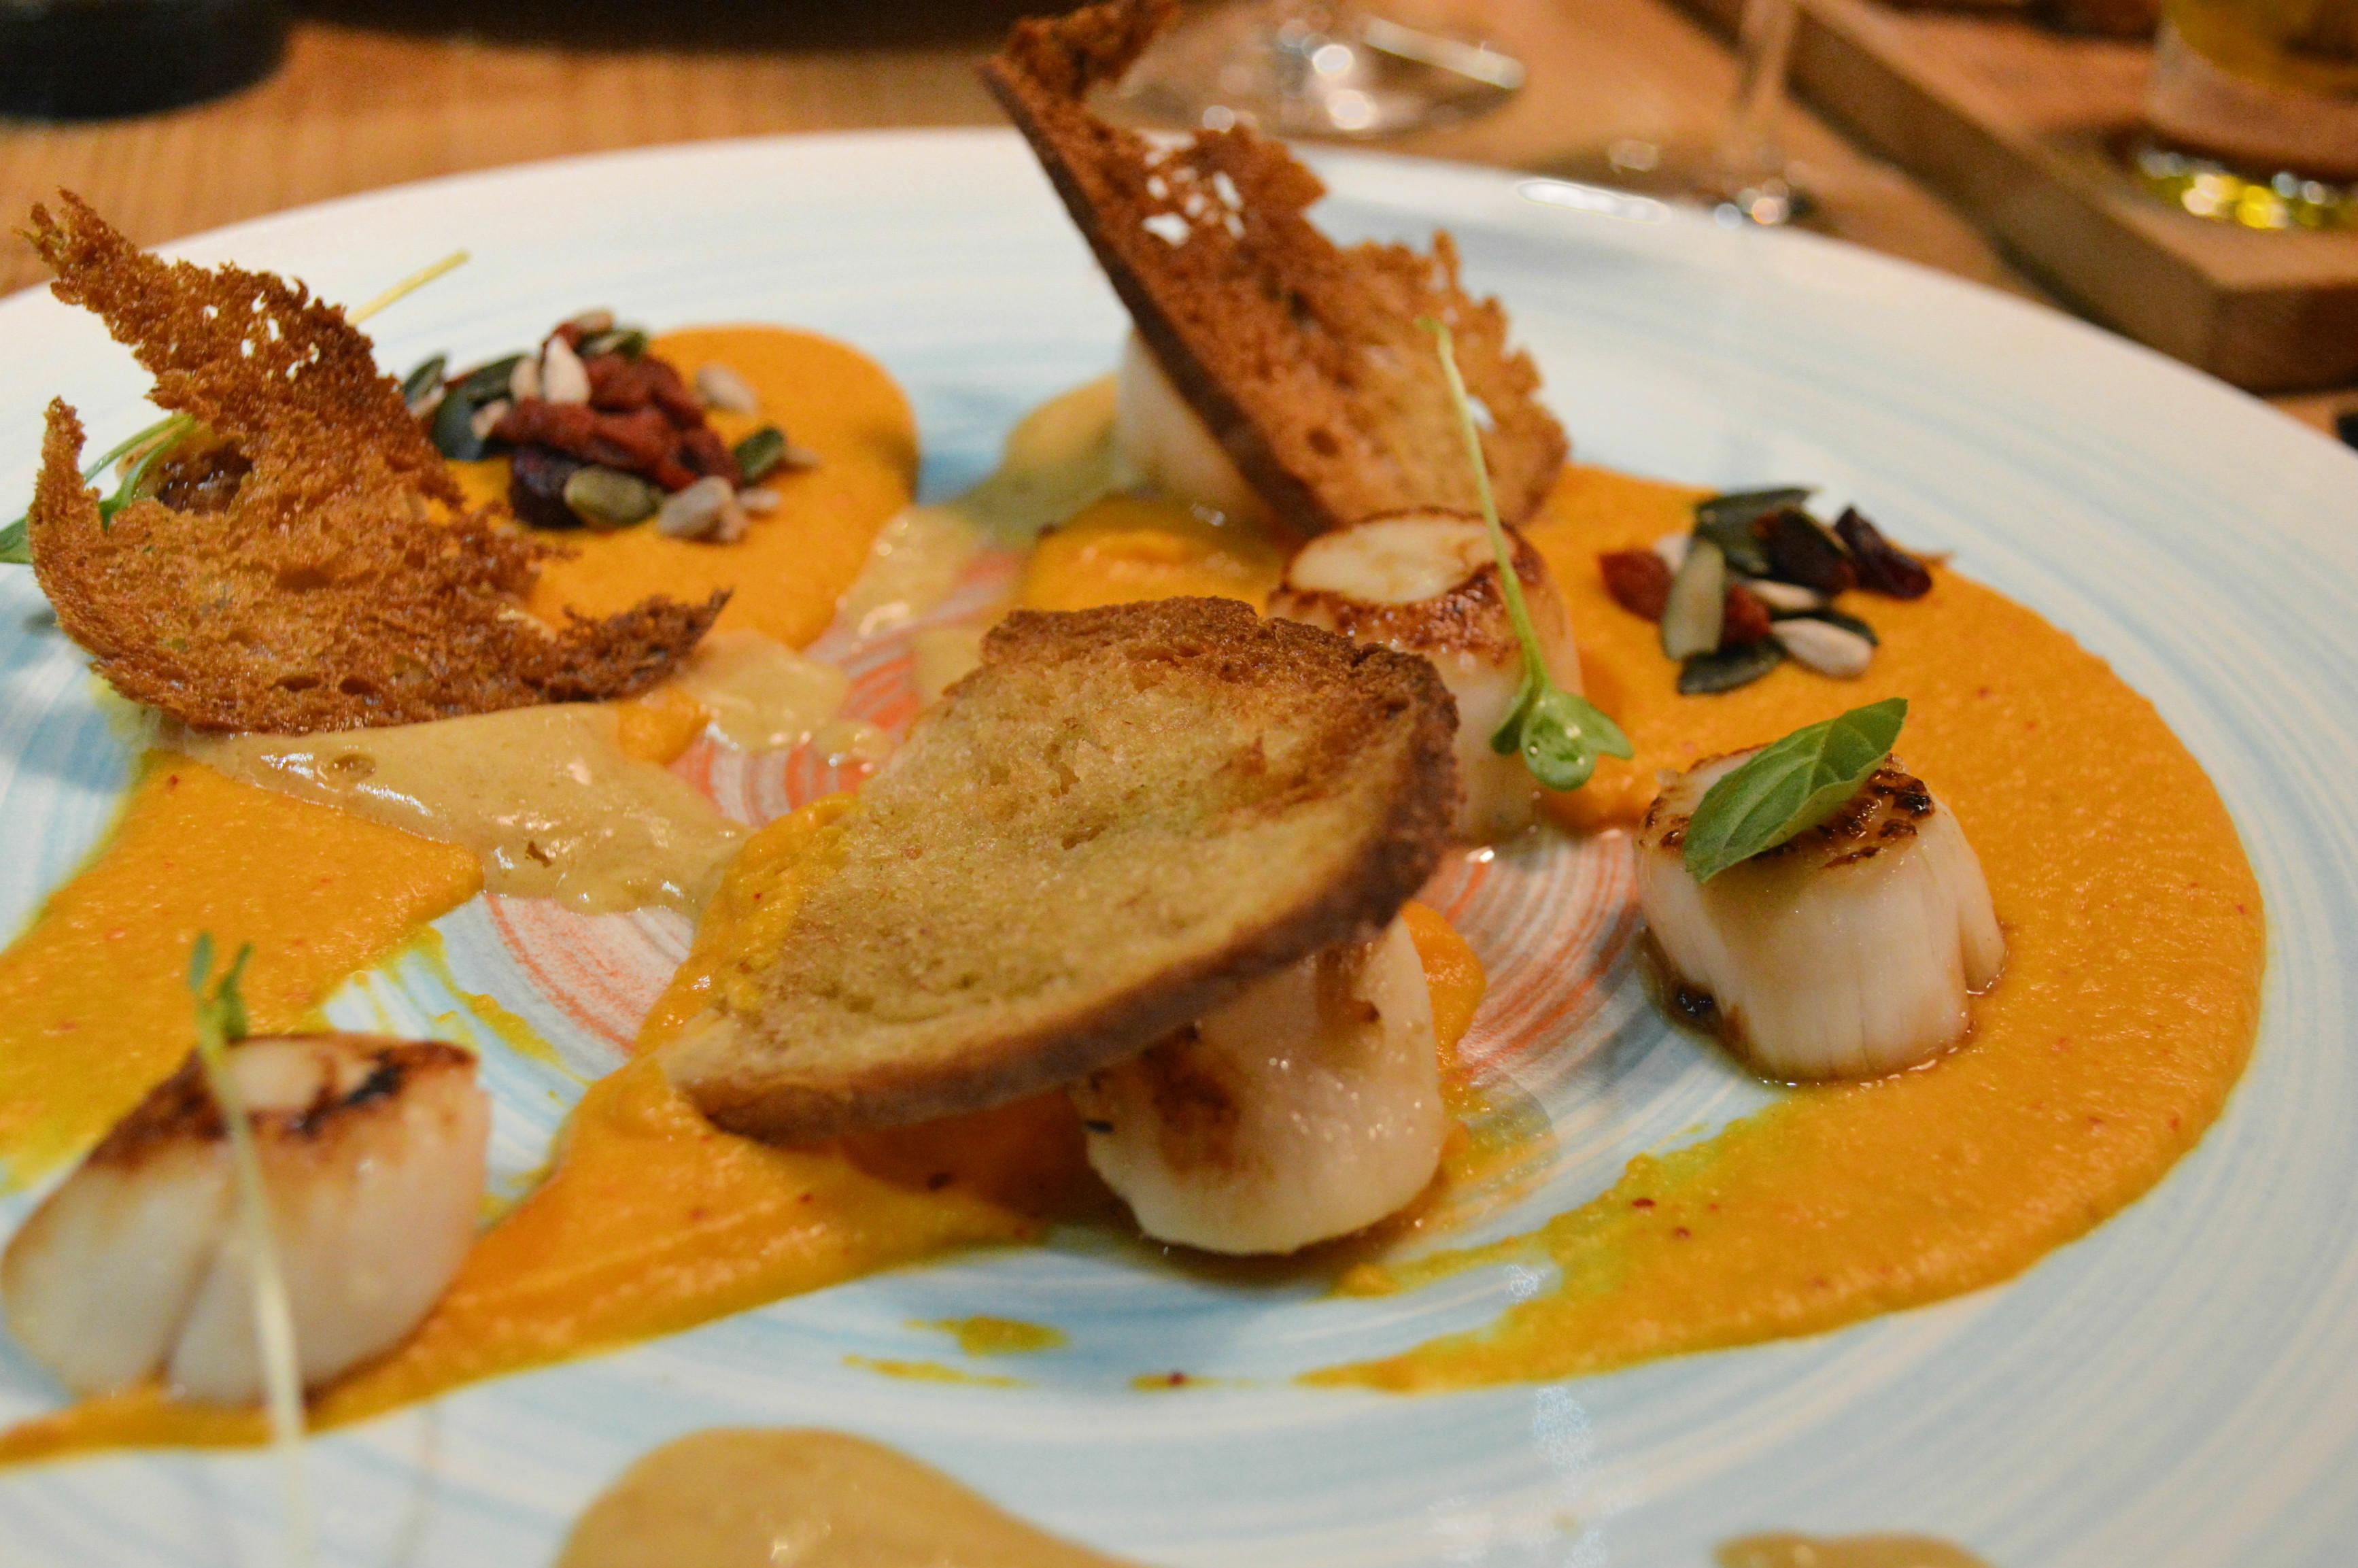 plat saint jacques restaurant le taïaut talence chef florent Chicard blog food Camille In Bordeaux